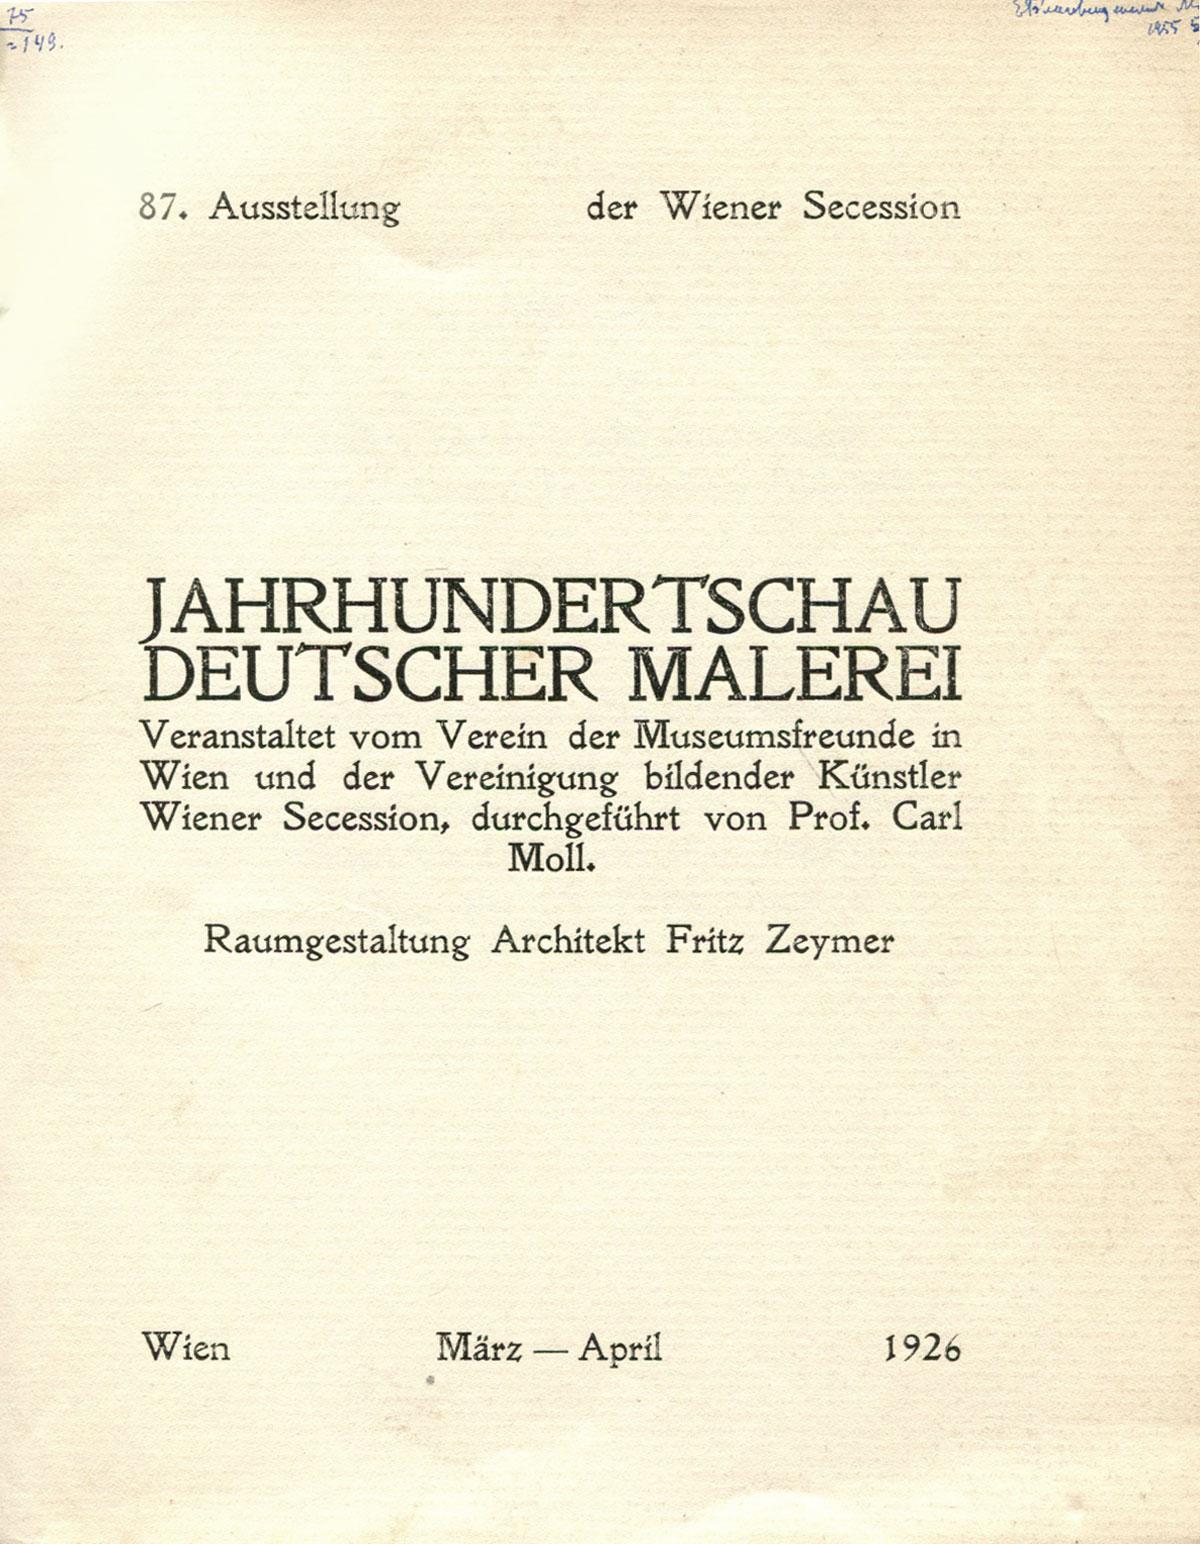 Jahrhundertschau deutscher malerei